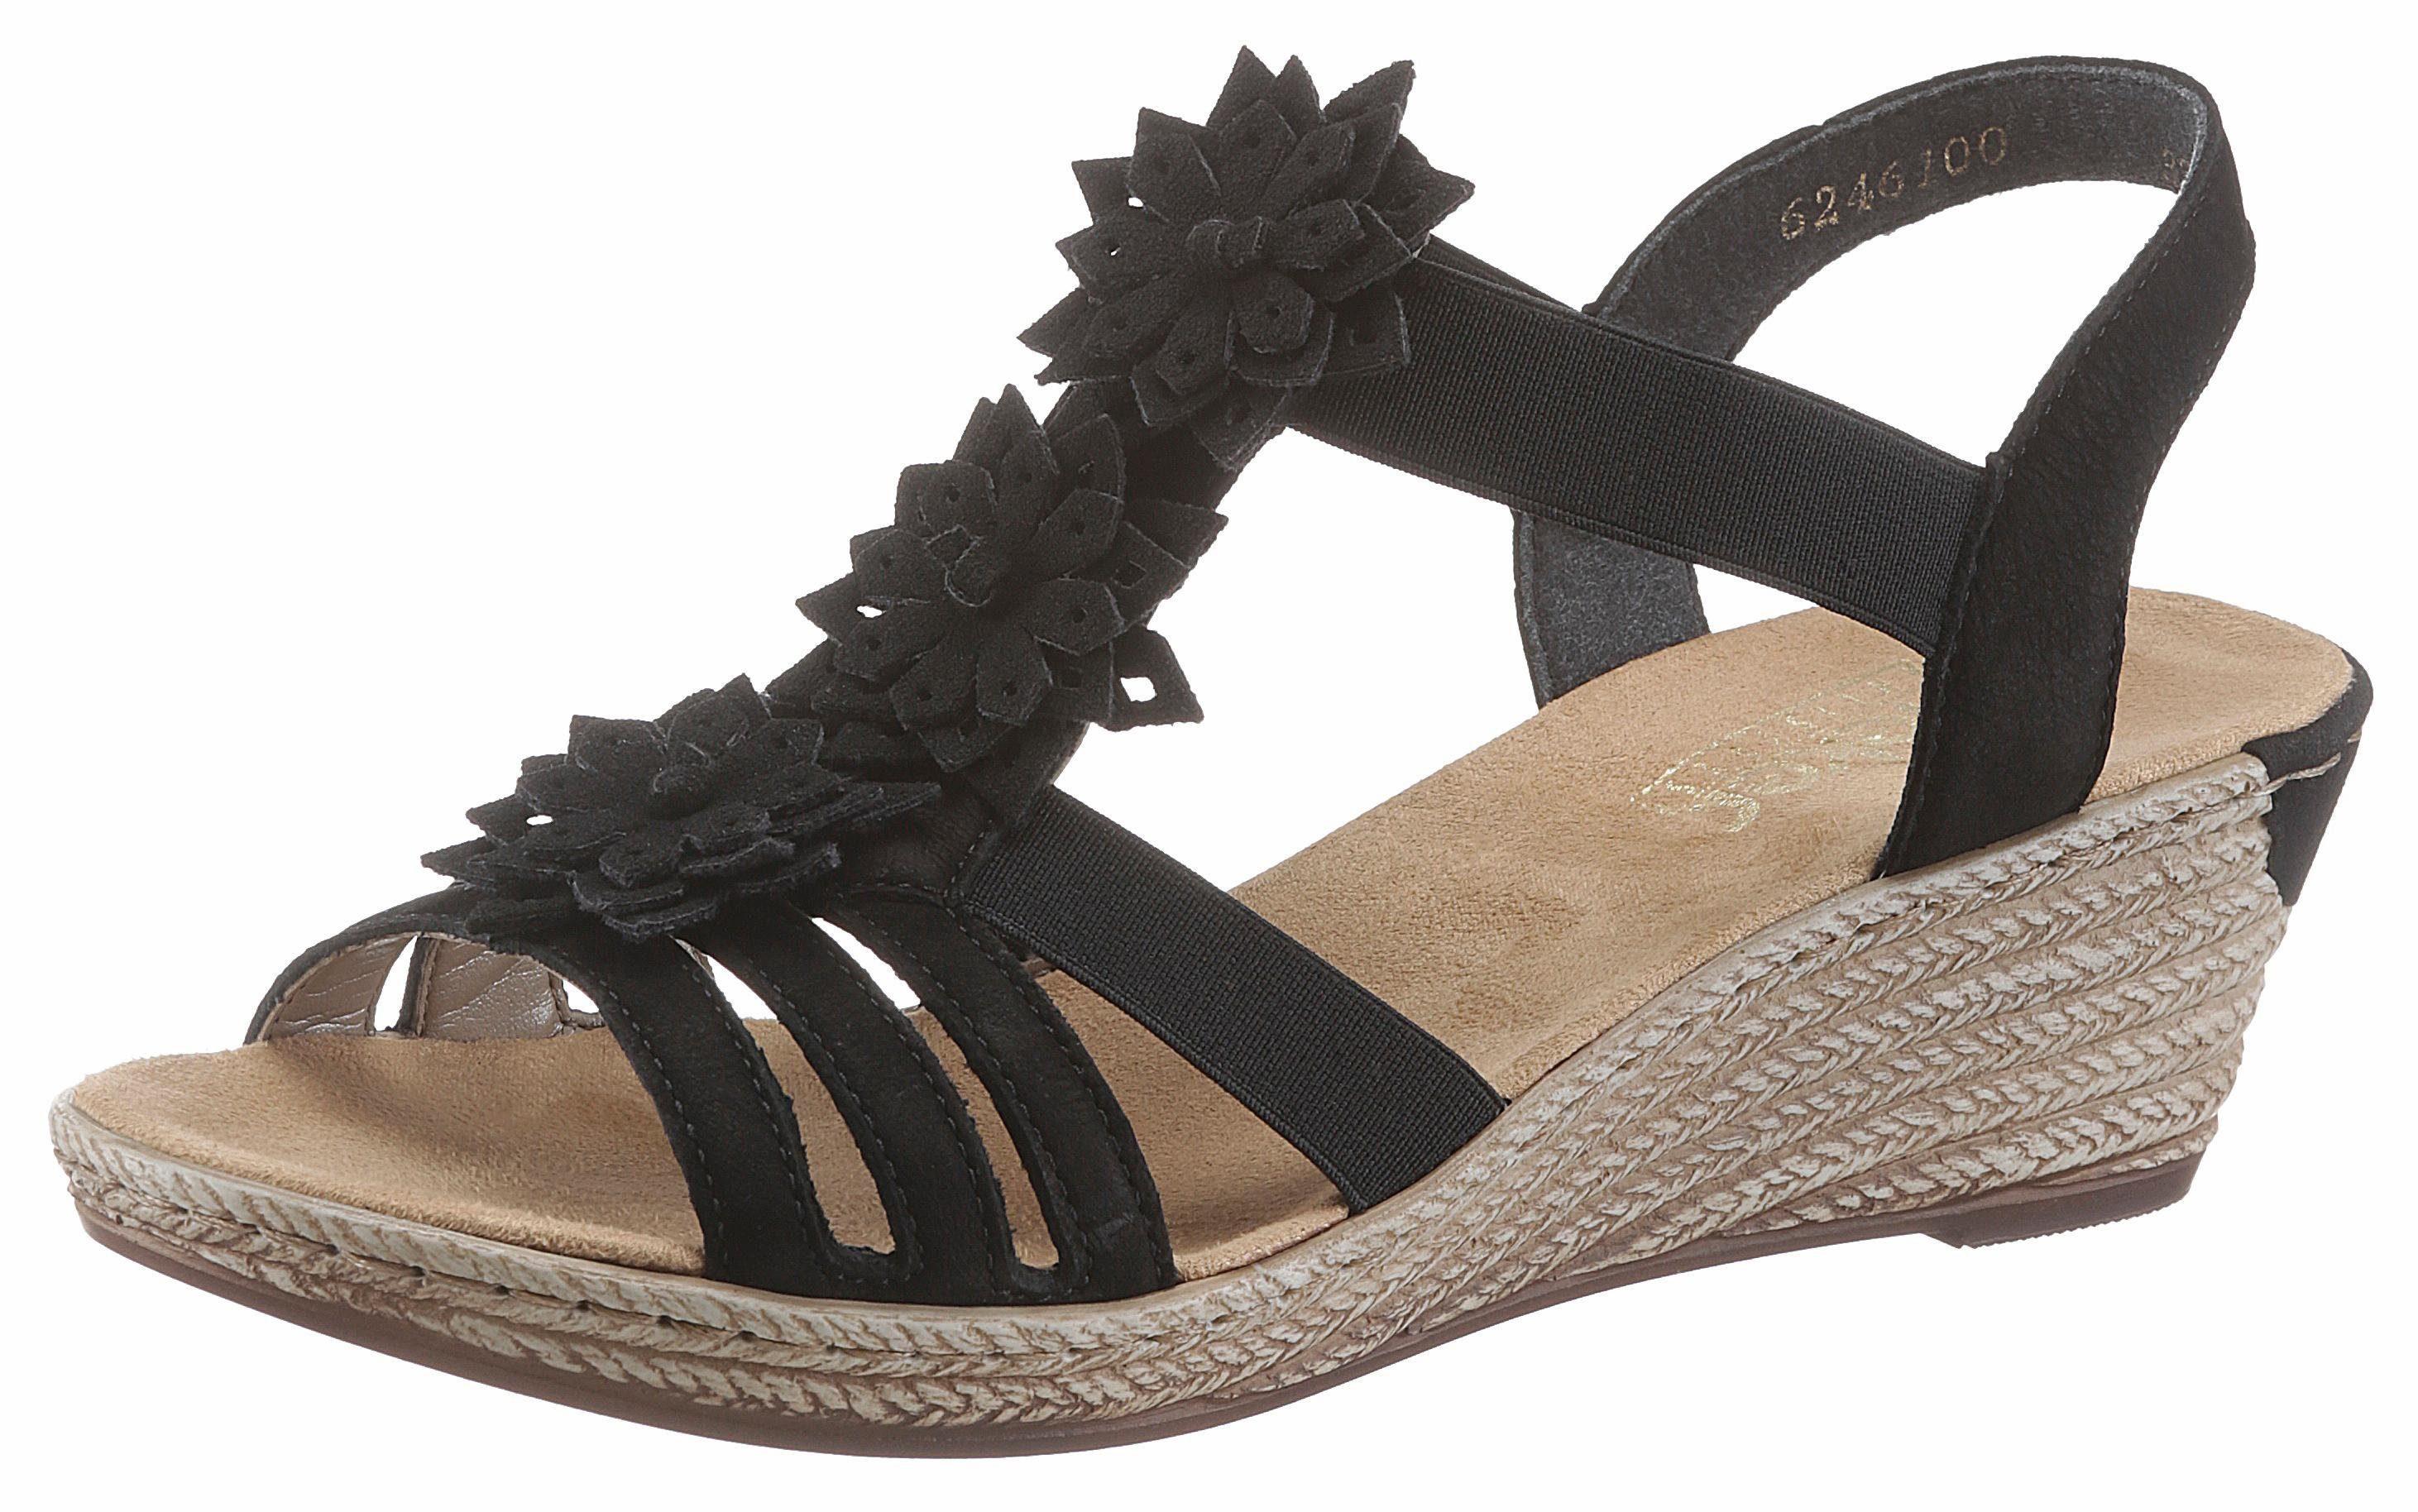 Rieker Sandalette mit modischen Blüten verziert | OTTO